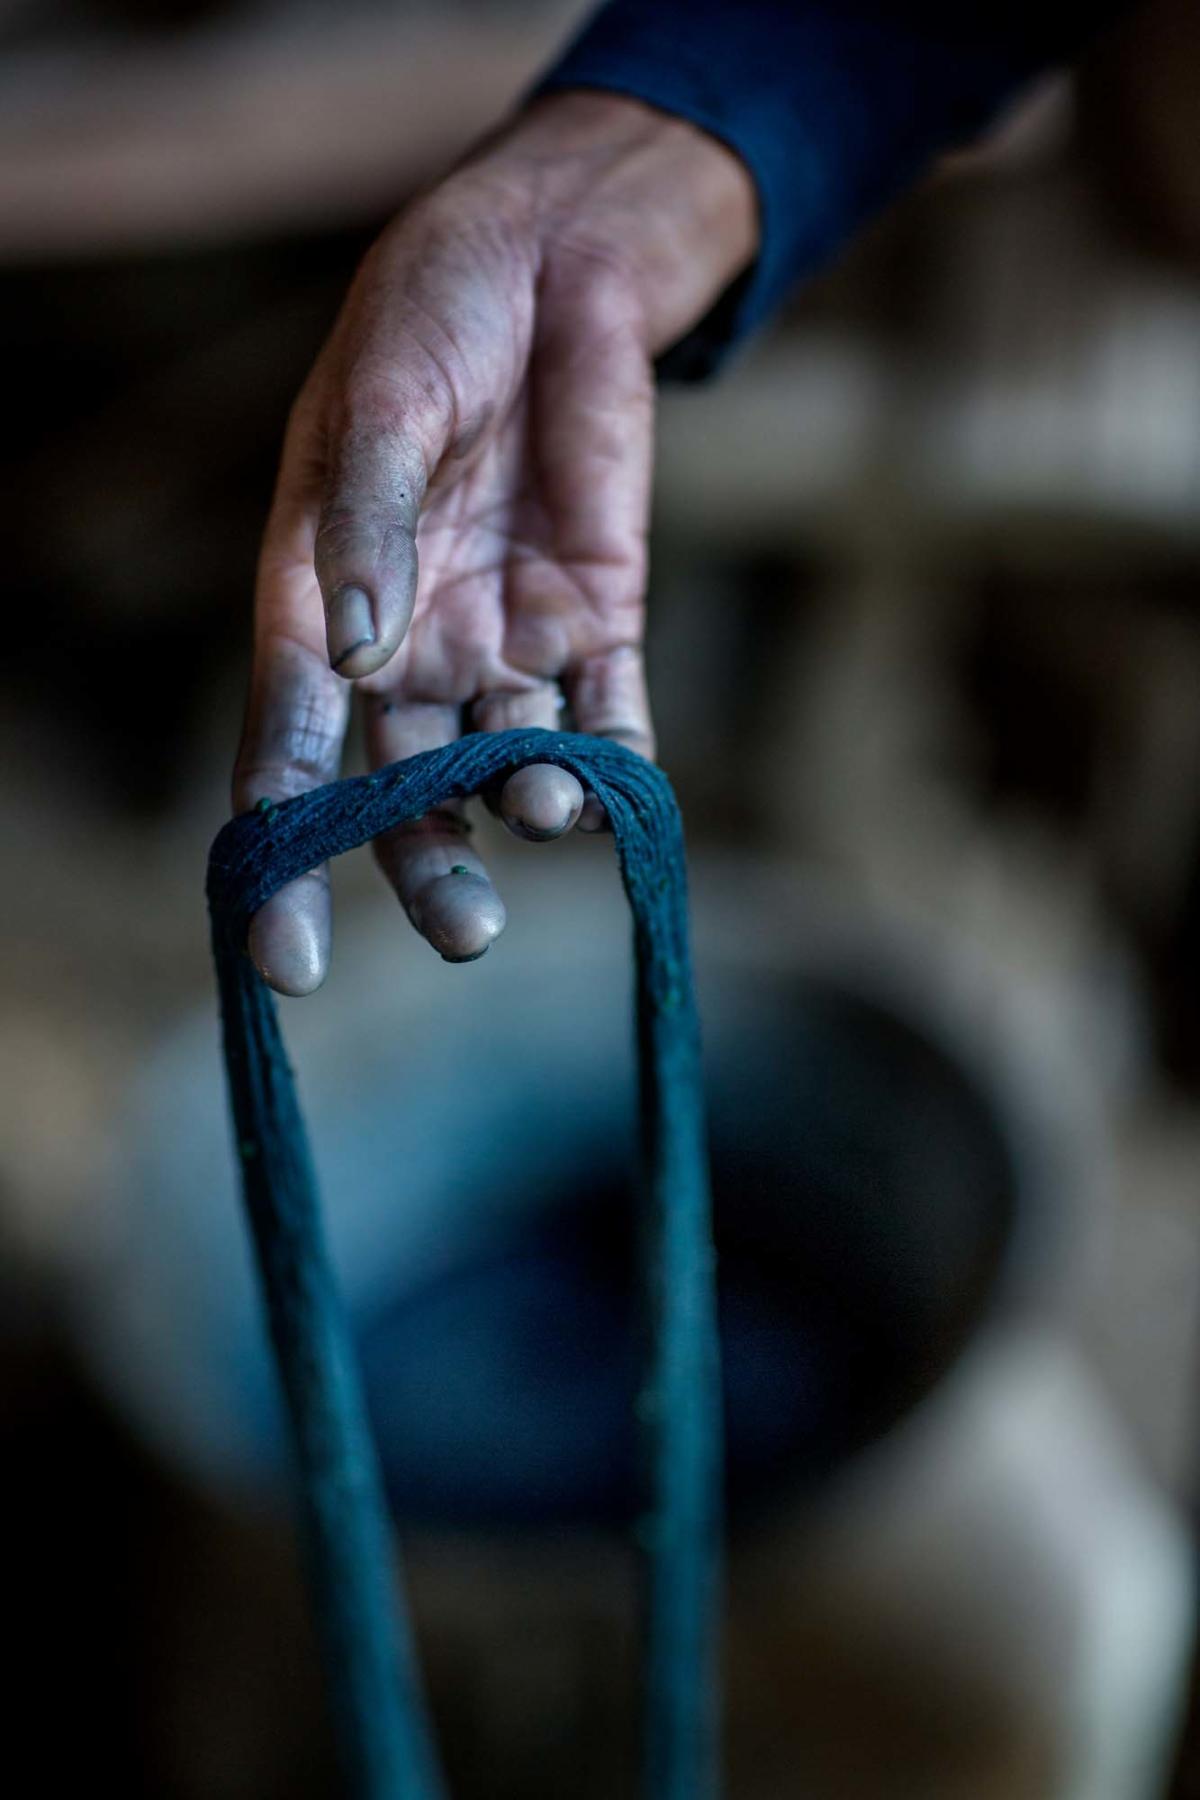 En indigofärgad garnhärva hålls upp av en hand.